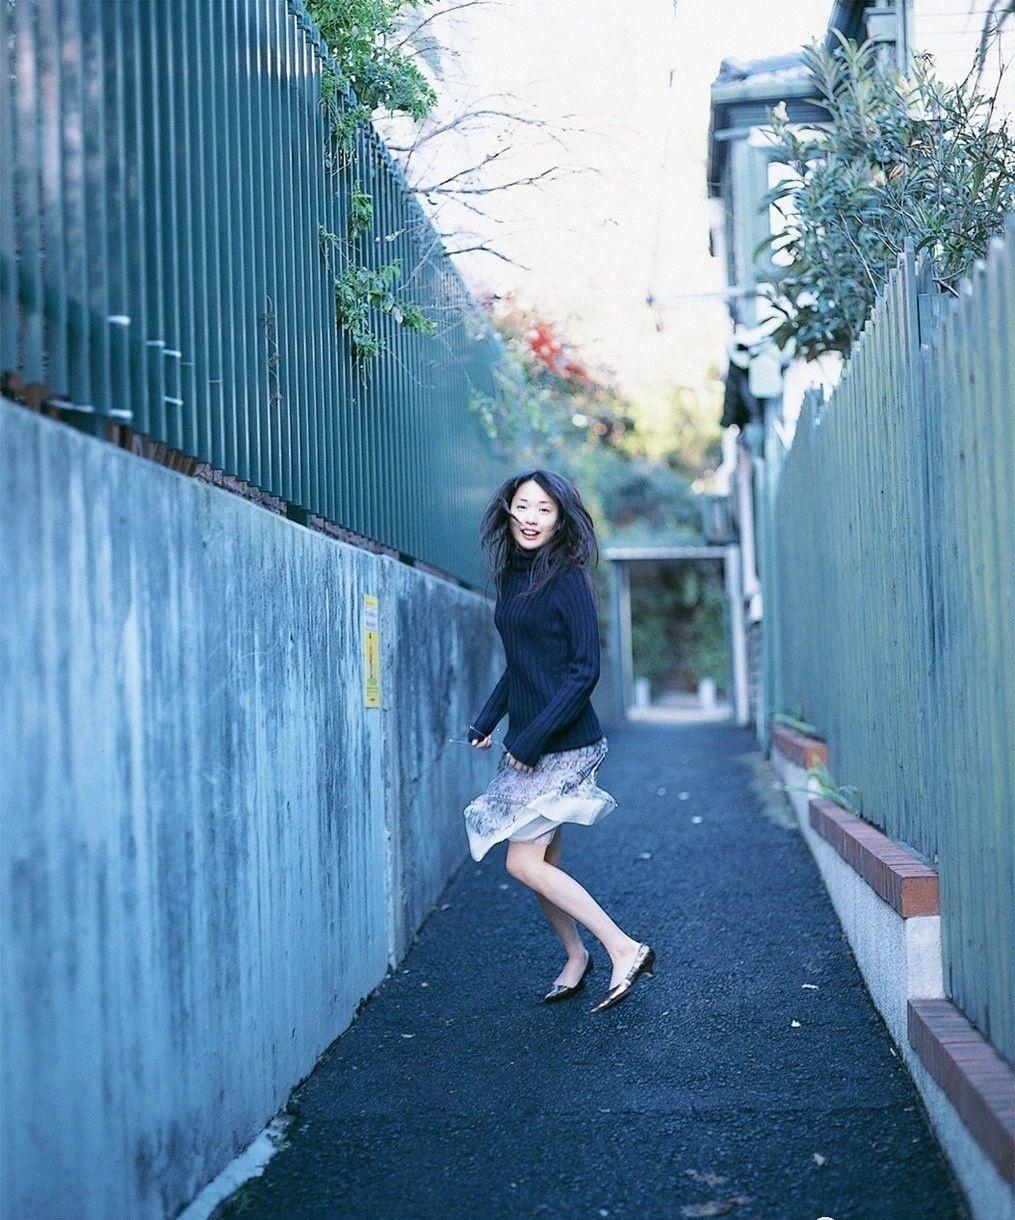 美的不可方物少女时代的户田惠梨香写真作品 (54)